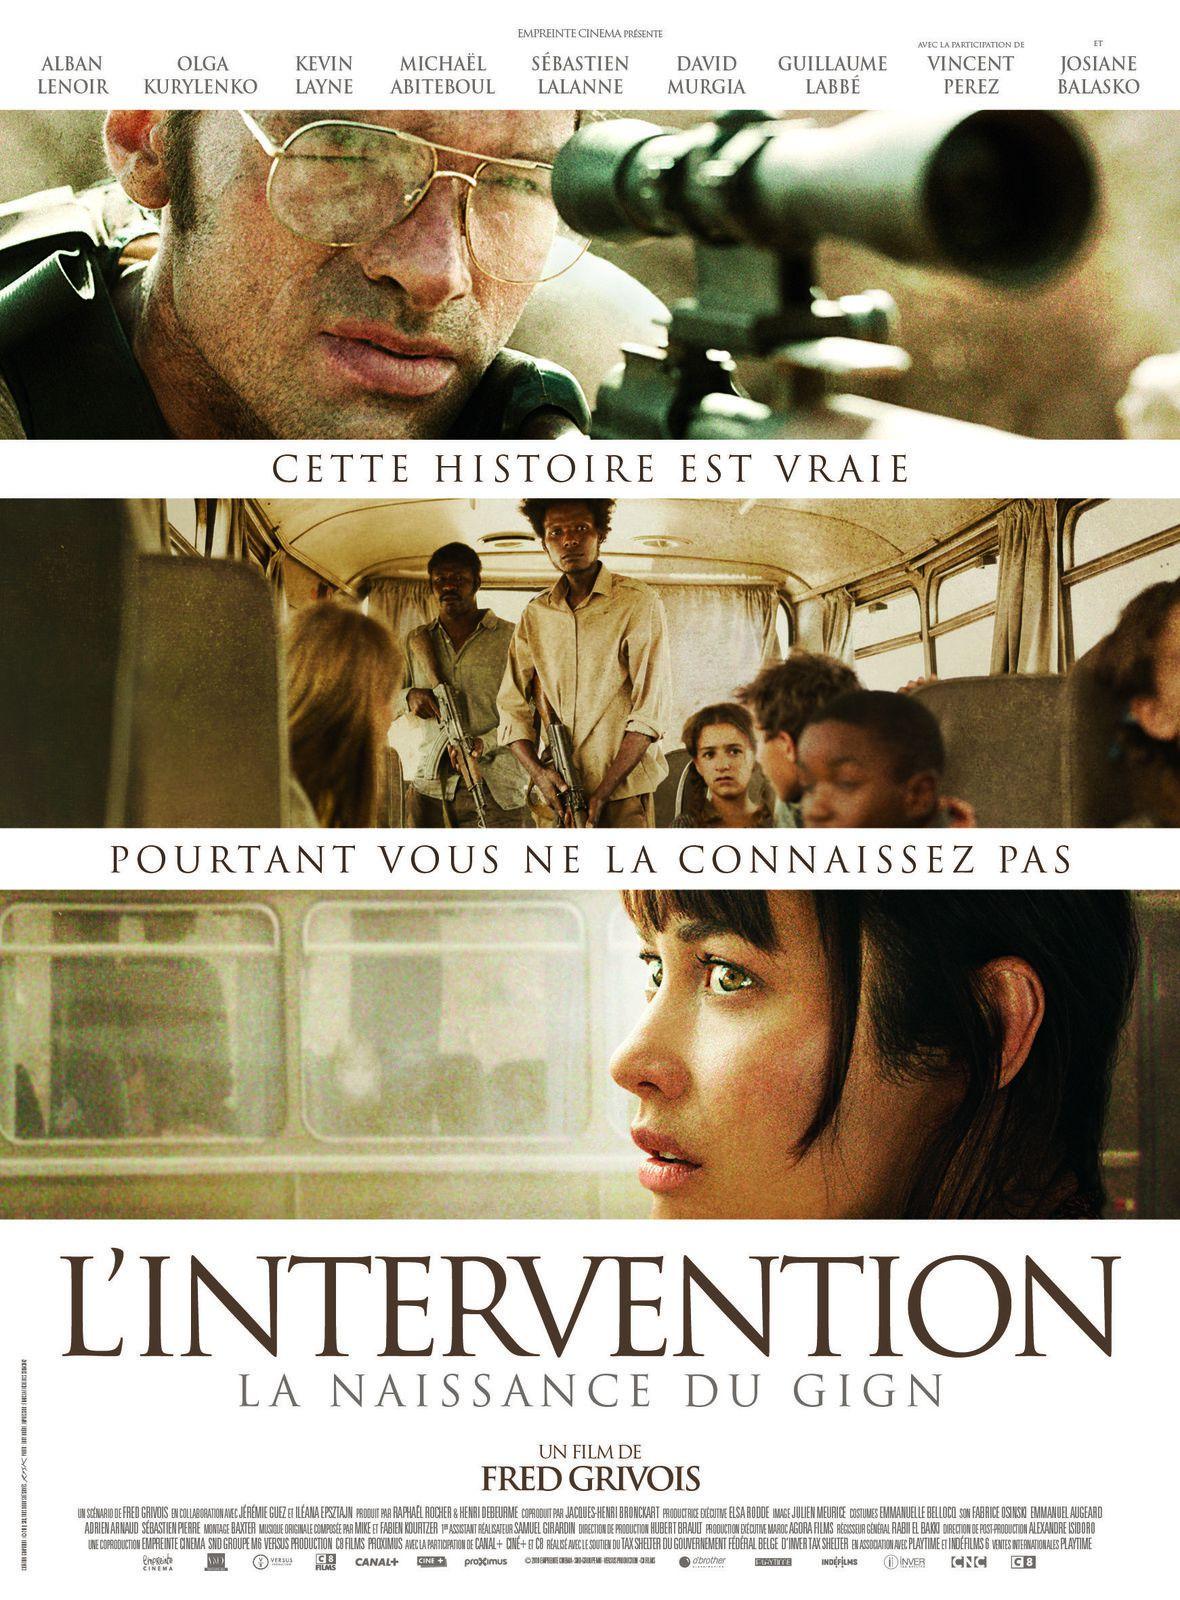 L'INTERVENTION (BANDE-ANNONCE) de Fred Grivois, au cinéma le 30 janvier 2019.